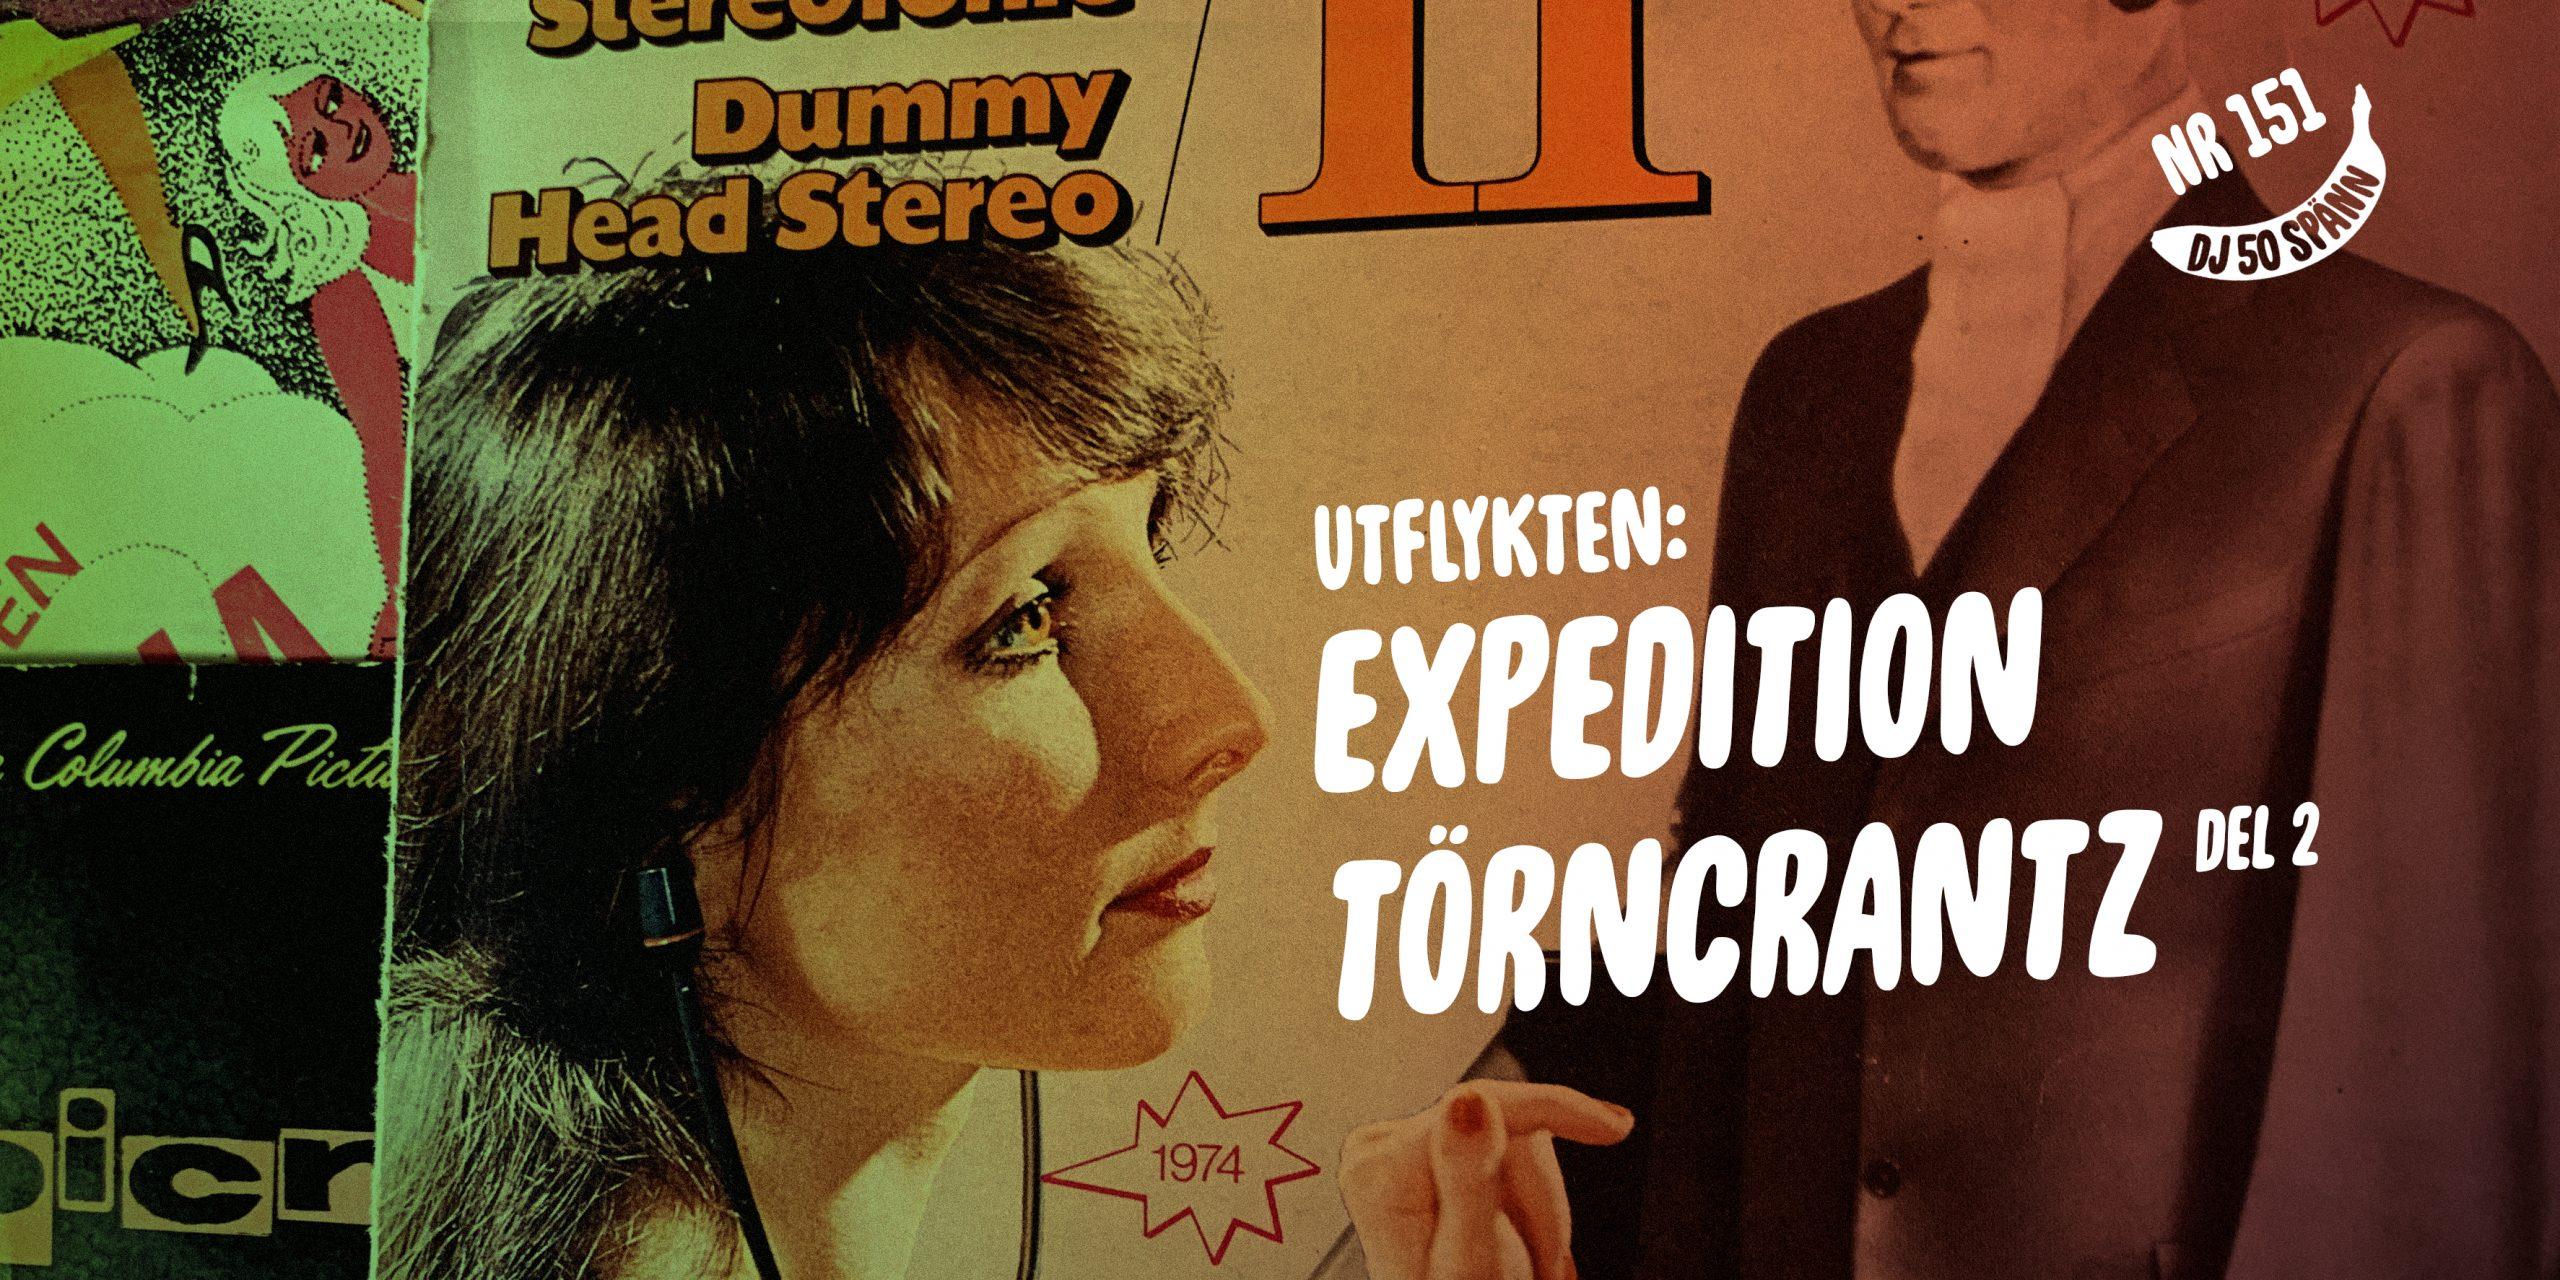 DJ50:- Utflykten: Expedition Törncrantz del 2